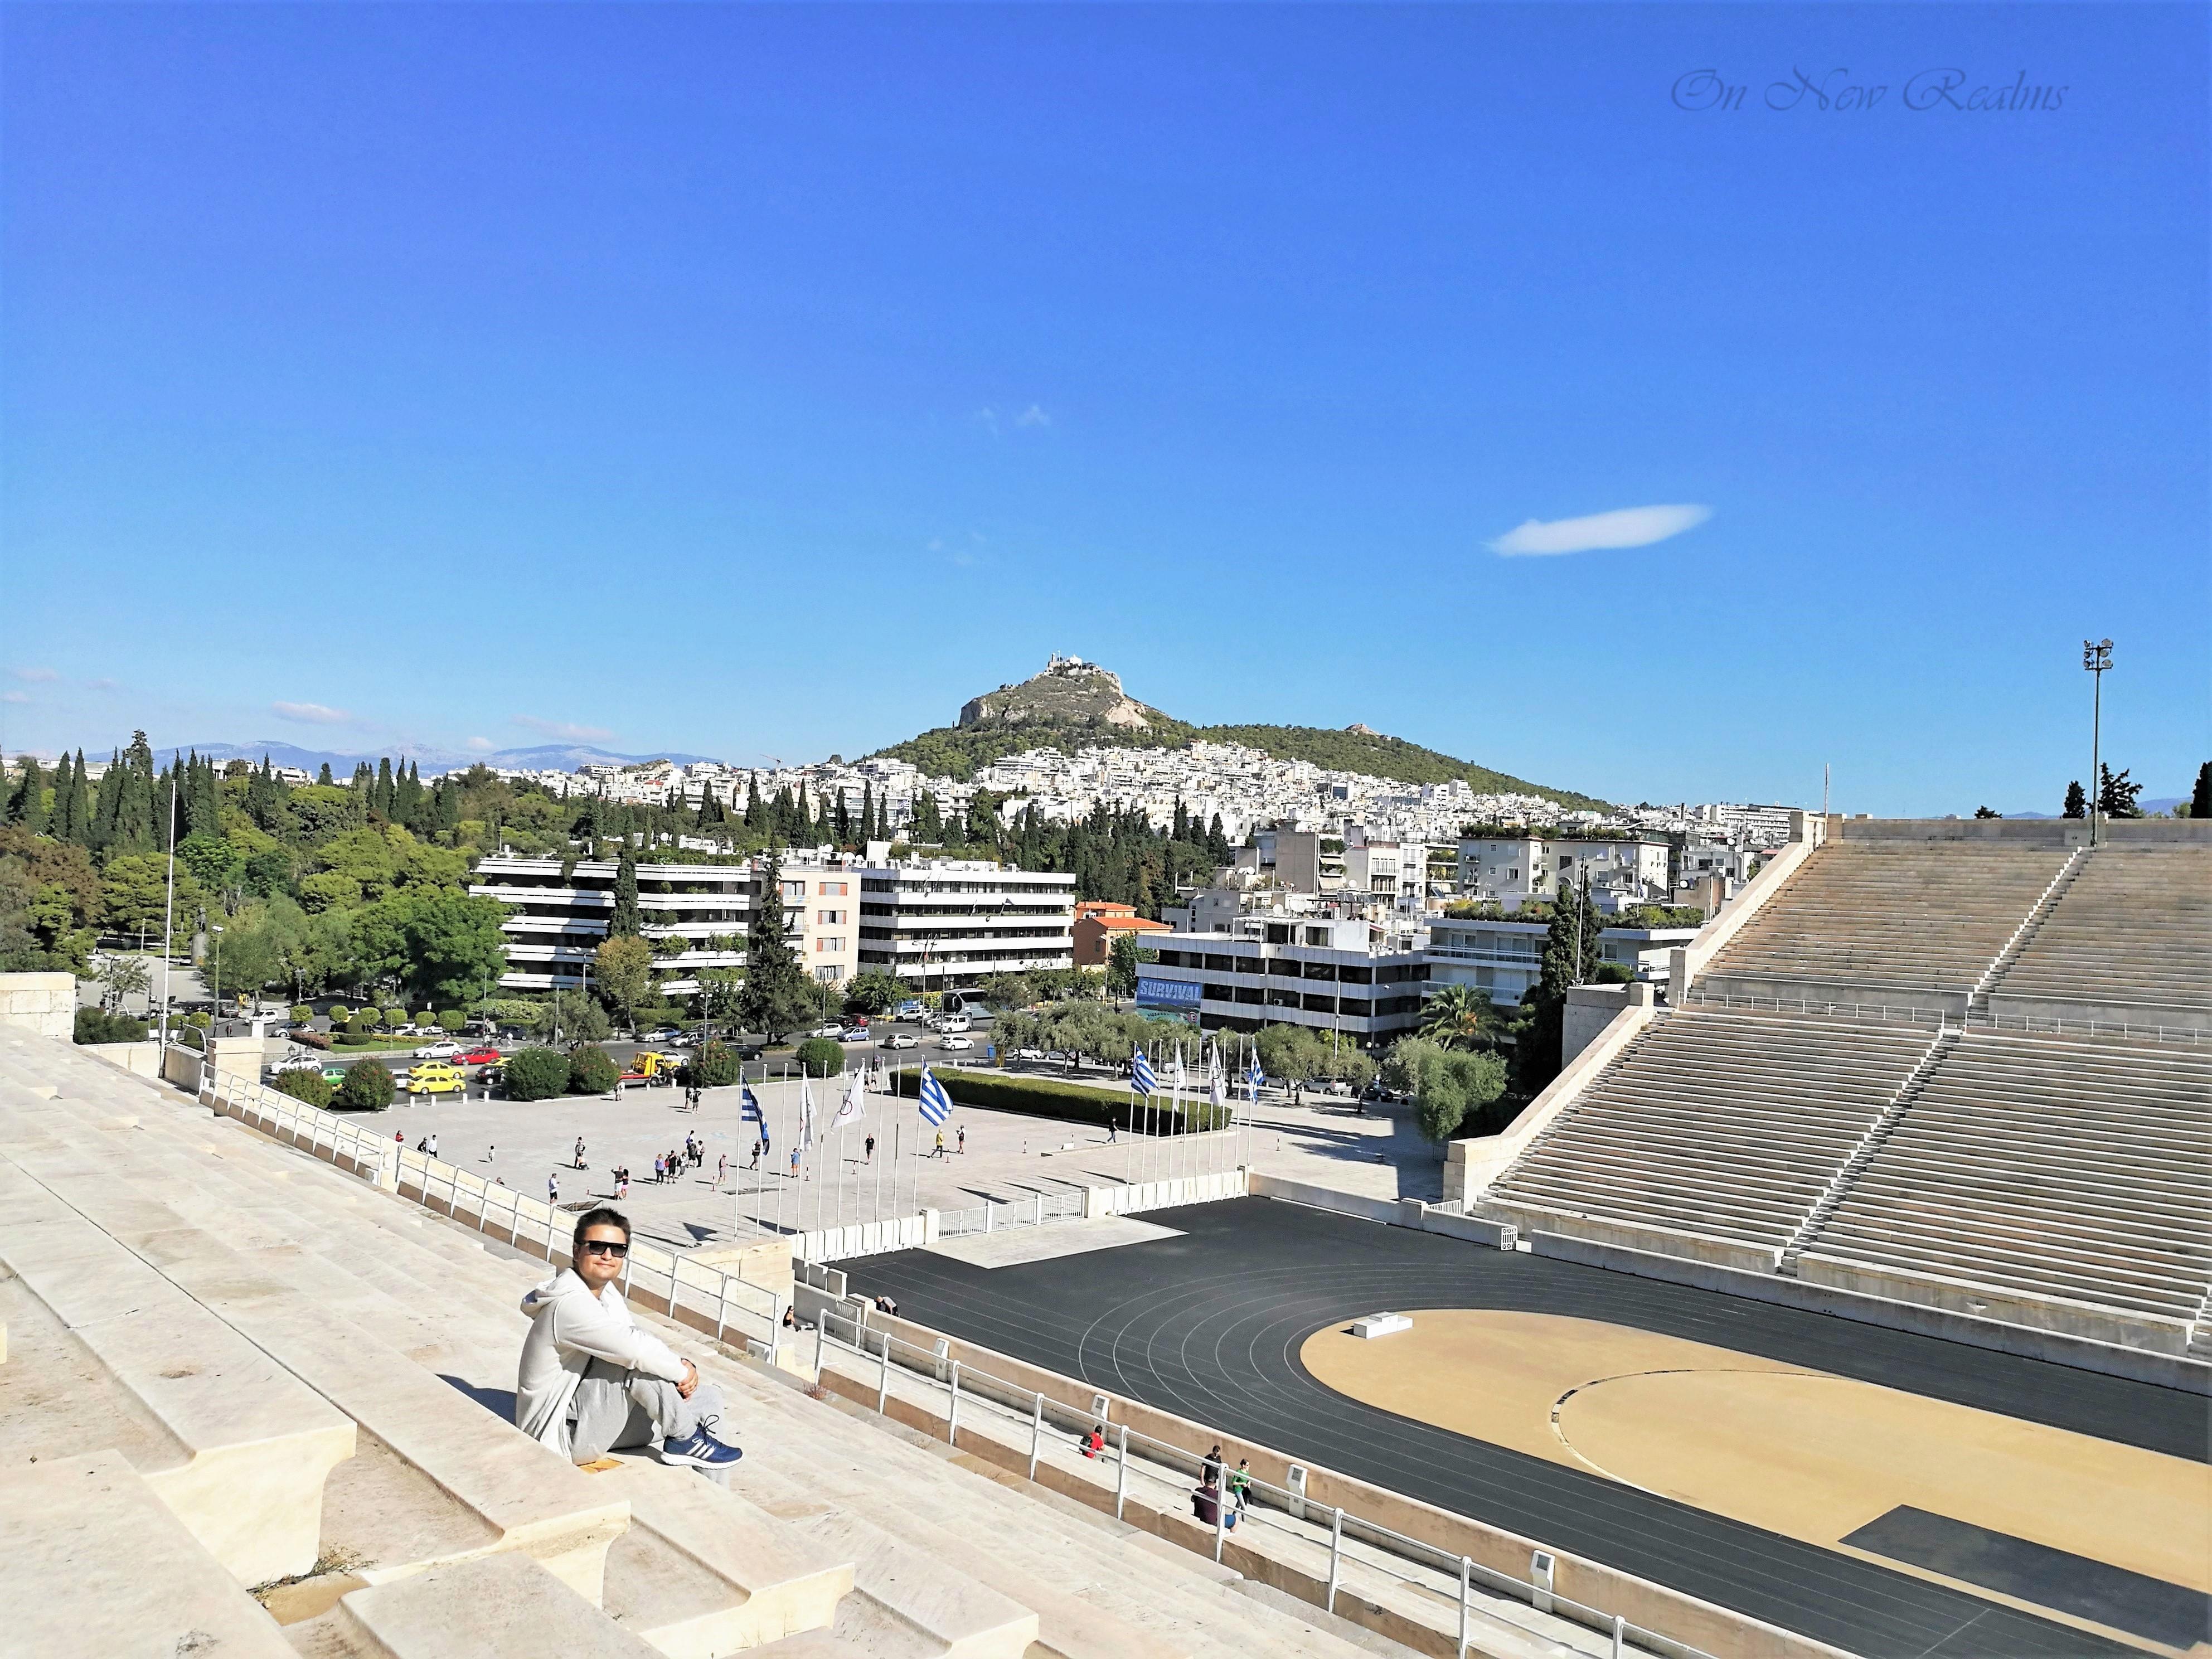 Panathenaic-Stadium-Athens-2